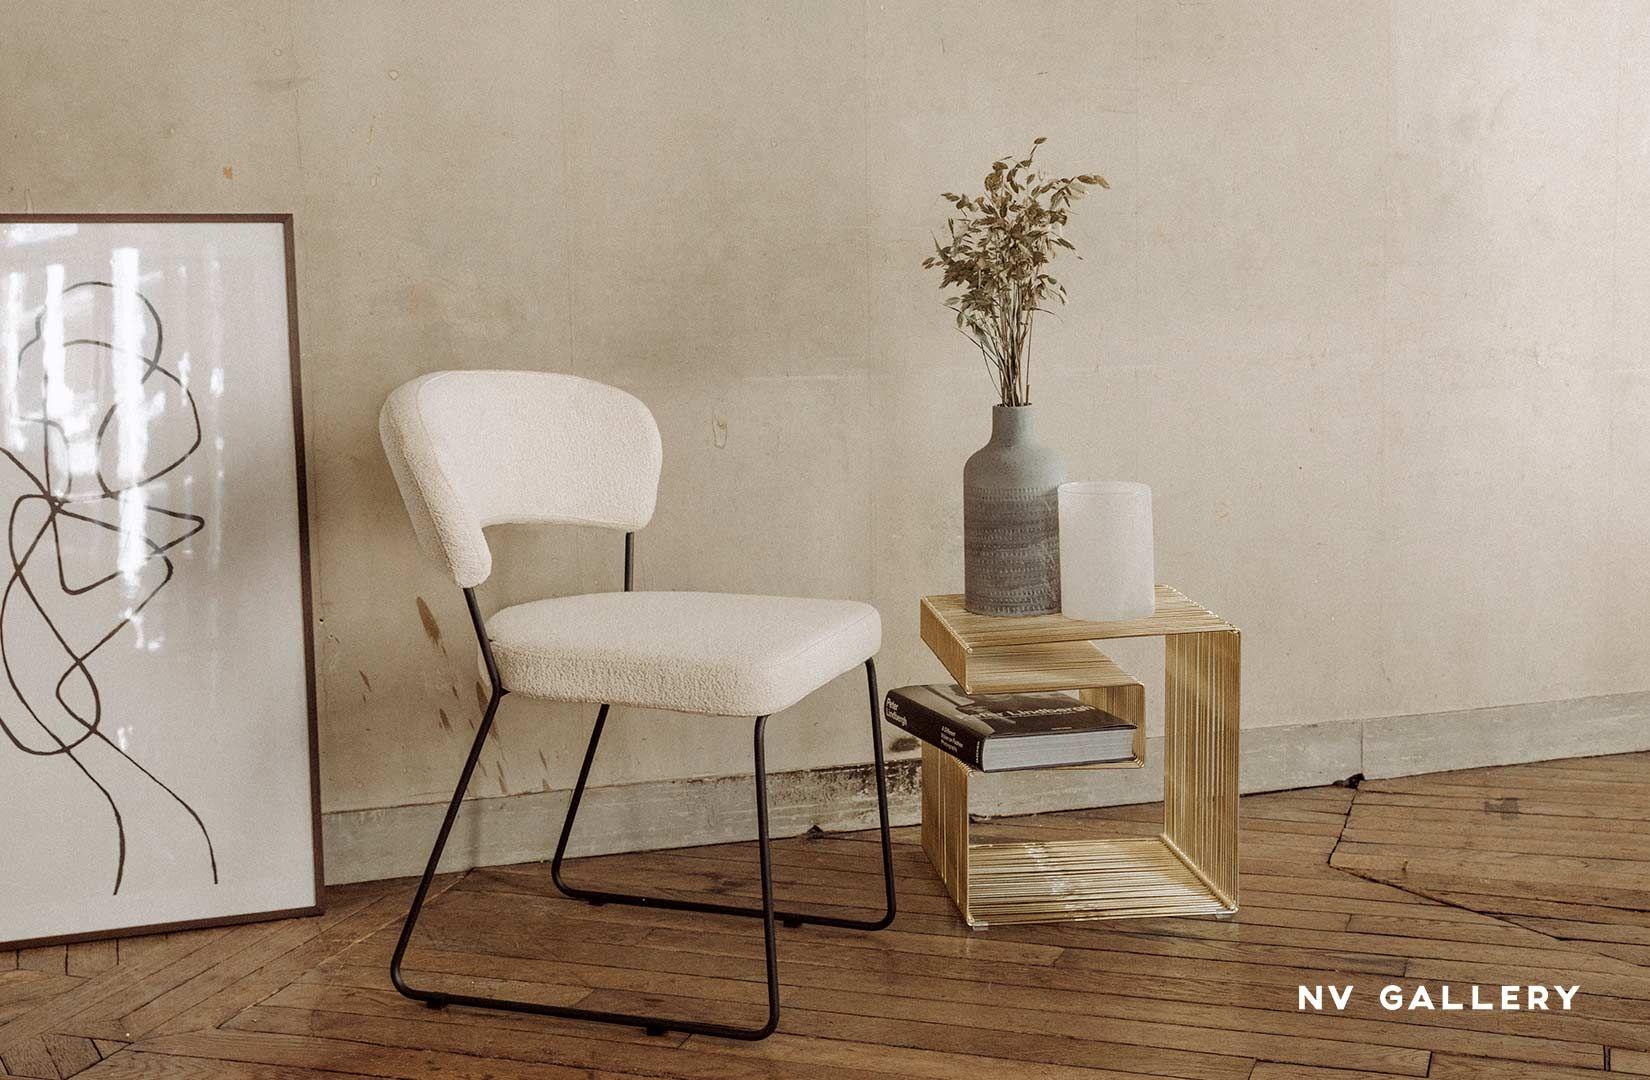 Apportez une touche rétro-chic à votre intérieur avec notre chaise GORDON et notre table d'appoint VEGA. Tissus bouclette, lignes graphiques et laiton, le look parfait pour apporter sophistication et touche vintage à votre déco. Ces pièces design s'adapteront parfaitement à un décor type loft, industriel-chic ou encore dans une déco plus classique. #deco #decoration #interiordesign #style50s #deco50s #interieurretro #interieurvintage #vintageinterior #tendancedeco #home #homedecor